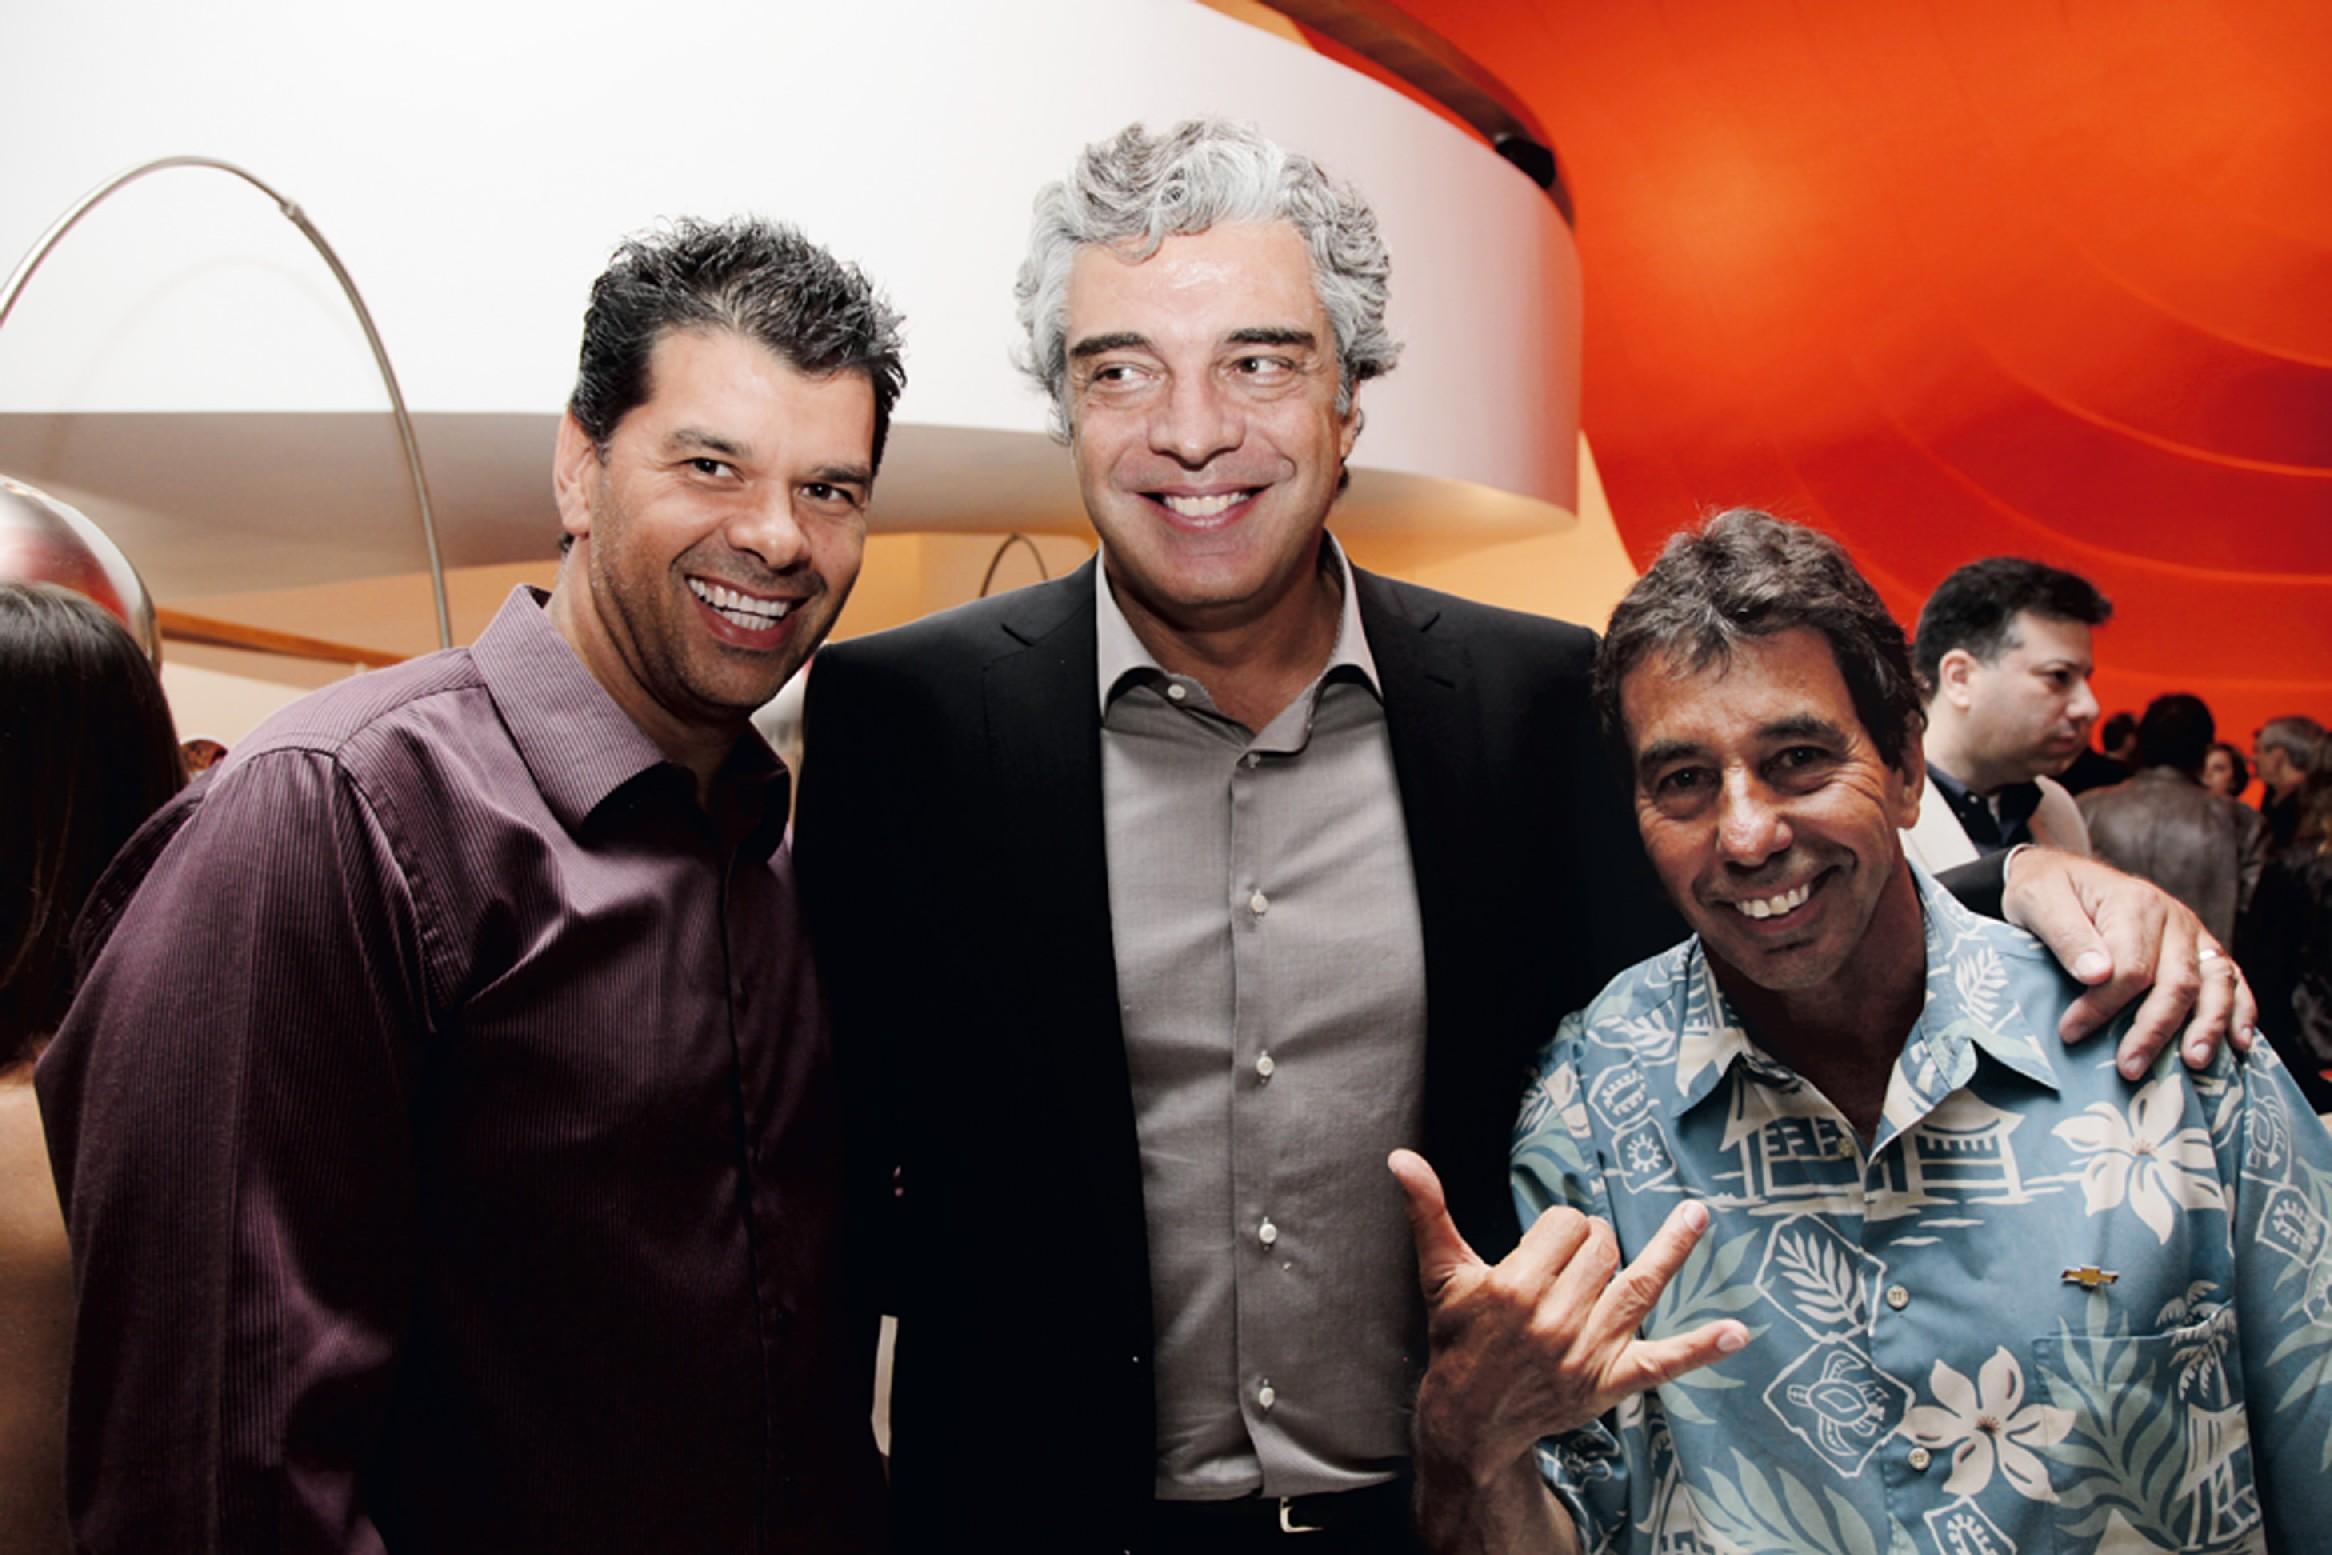 Adrian Kojin, Marcello Serpa e Rico de Souza